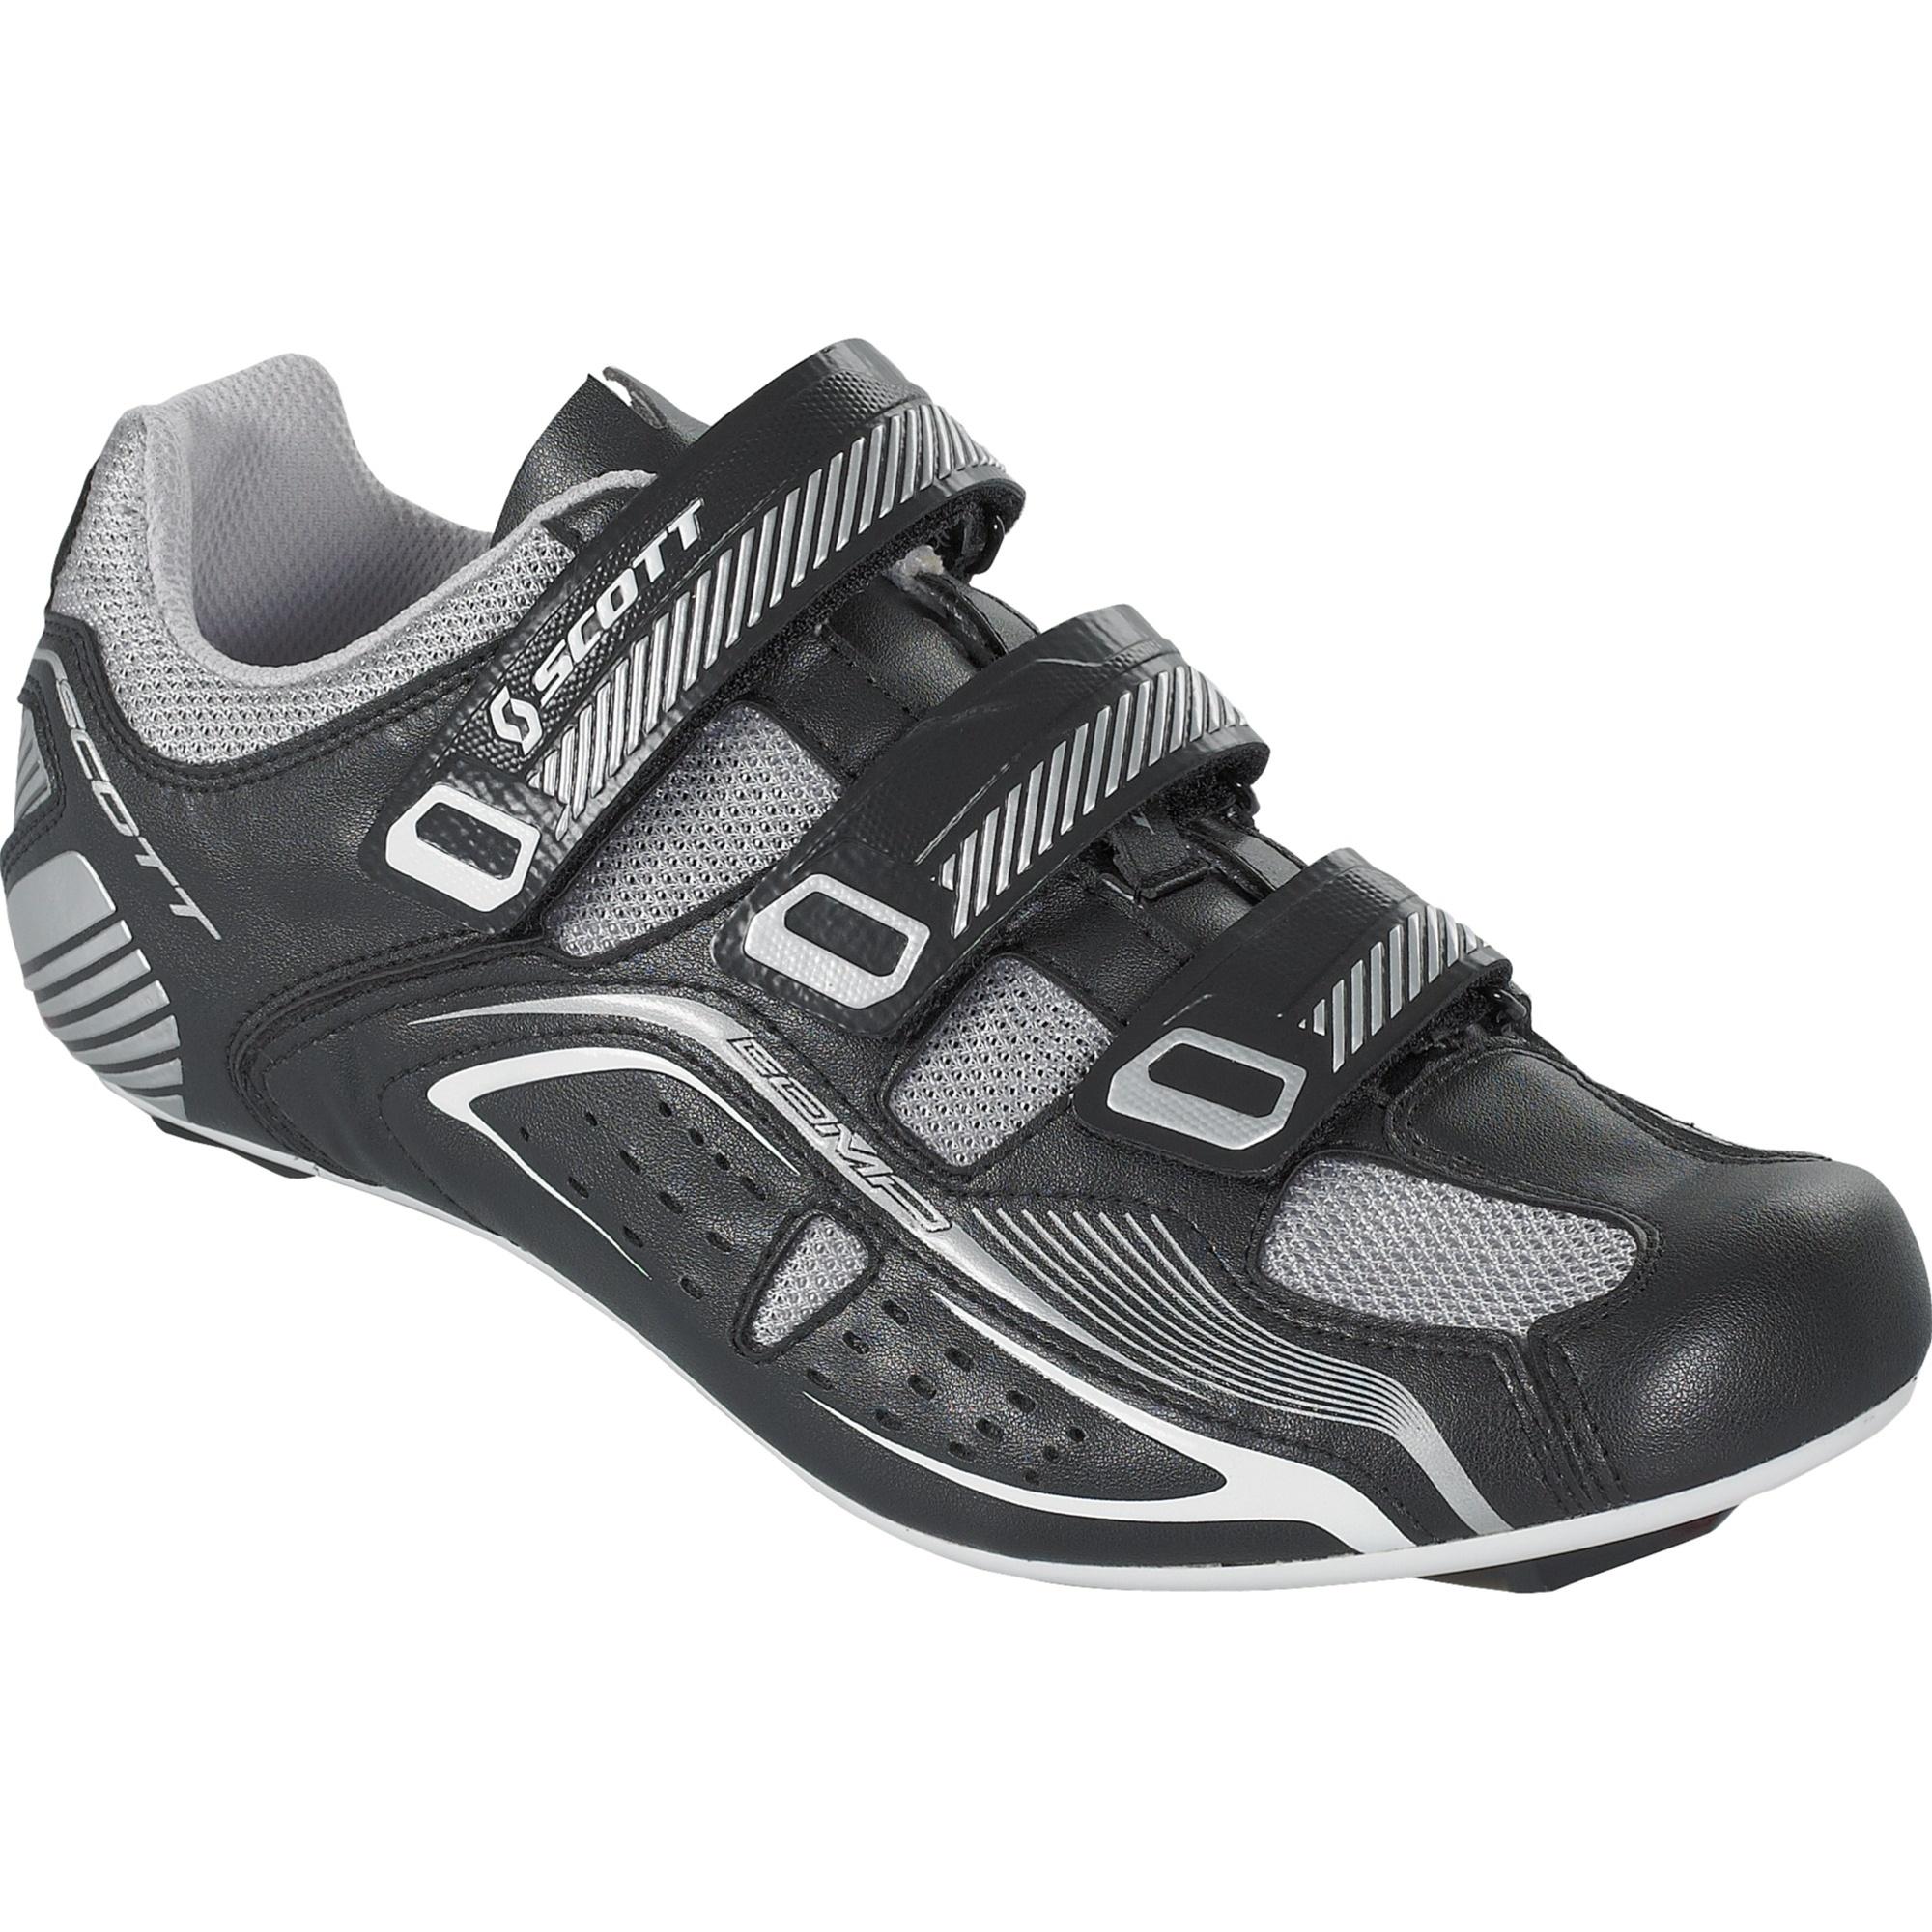 Scott Road Comp Bike Shoe